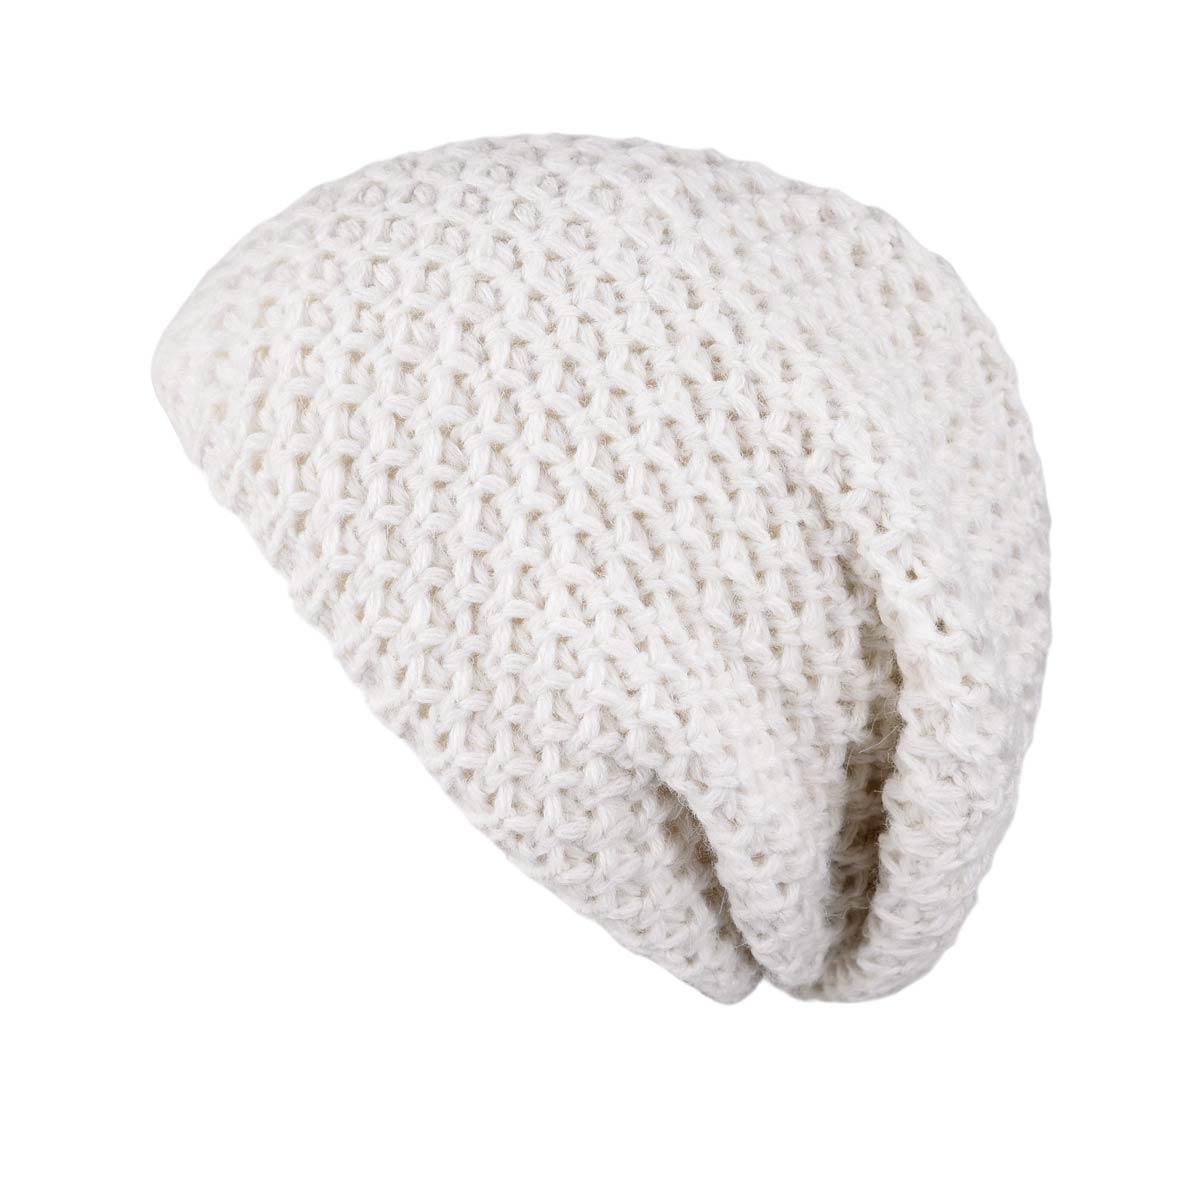 CP-01561_F12-1--_Bonnet-long-femme-blanc